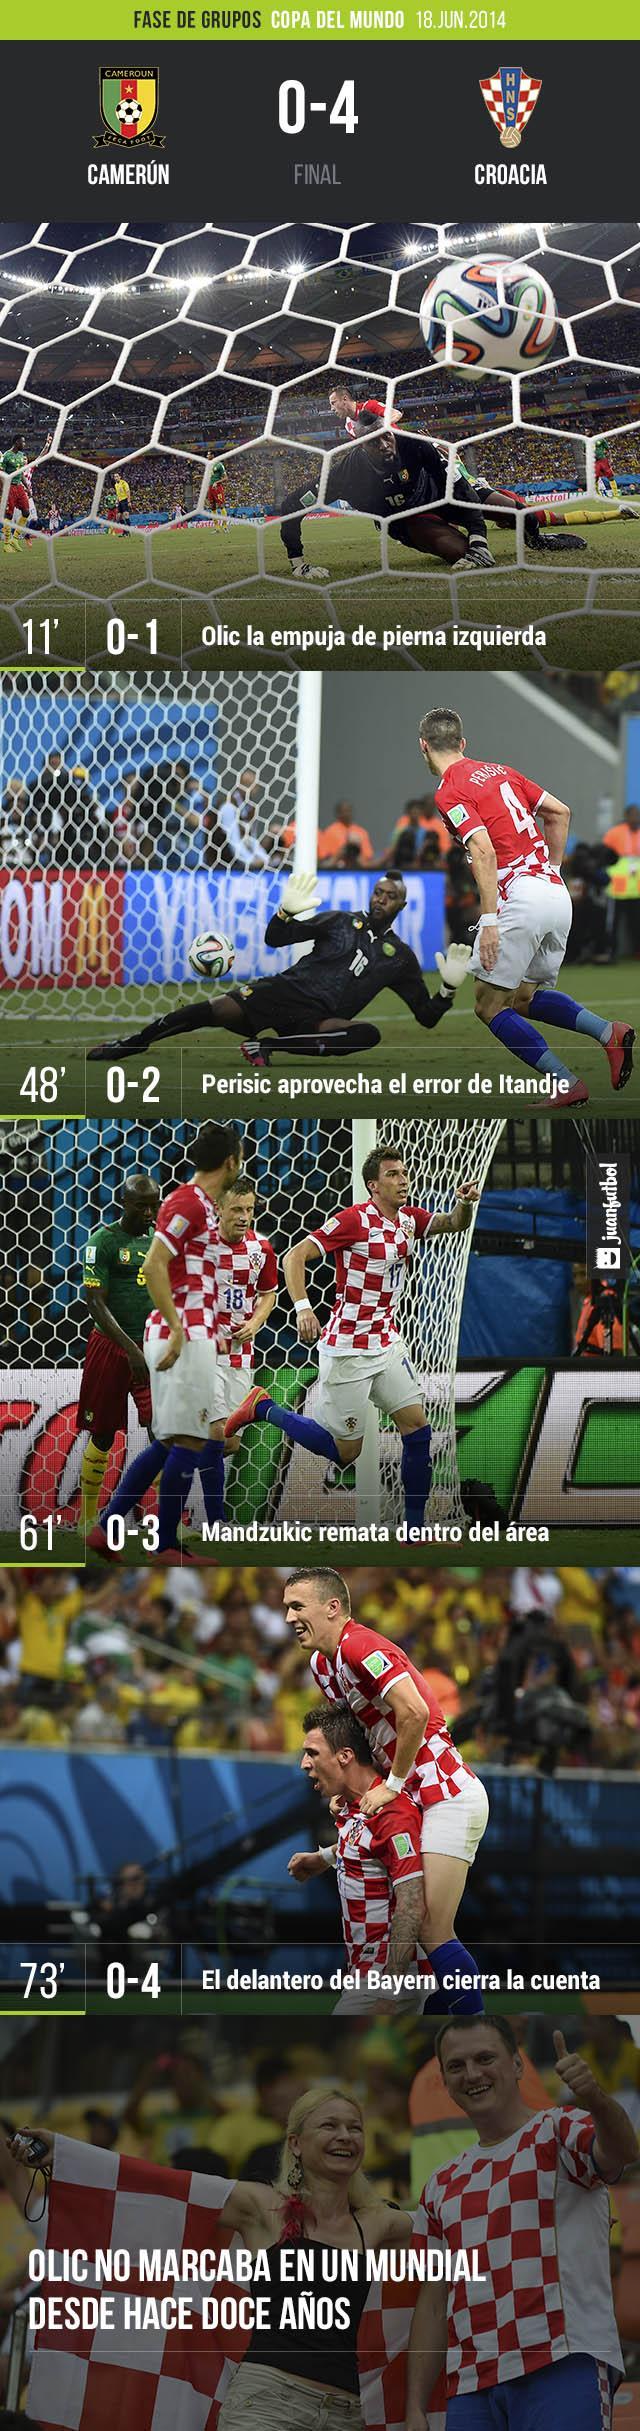 Crónica del partido Camerún contra Croacia